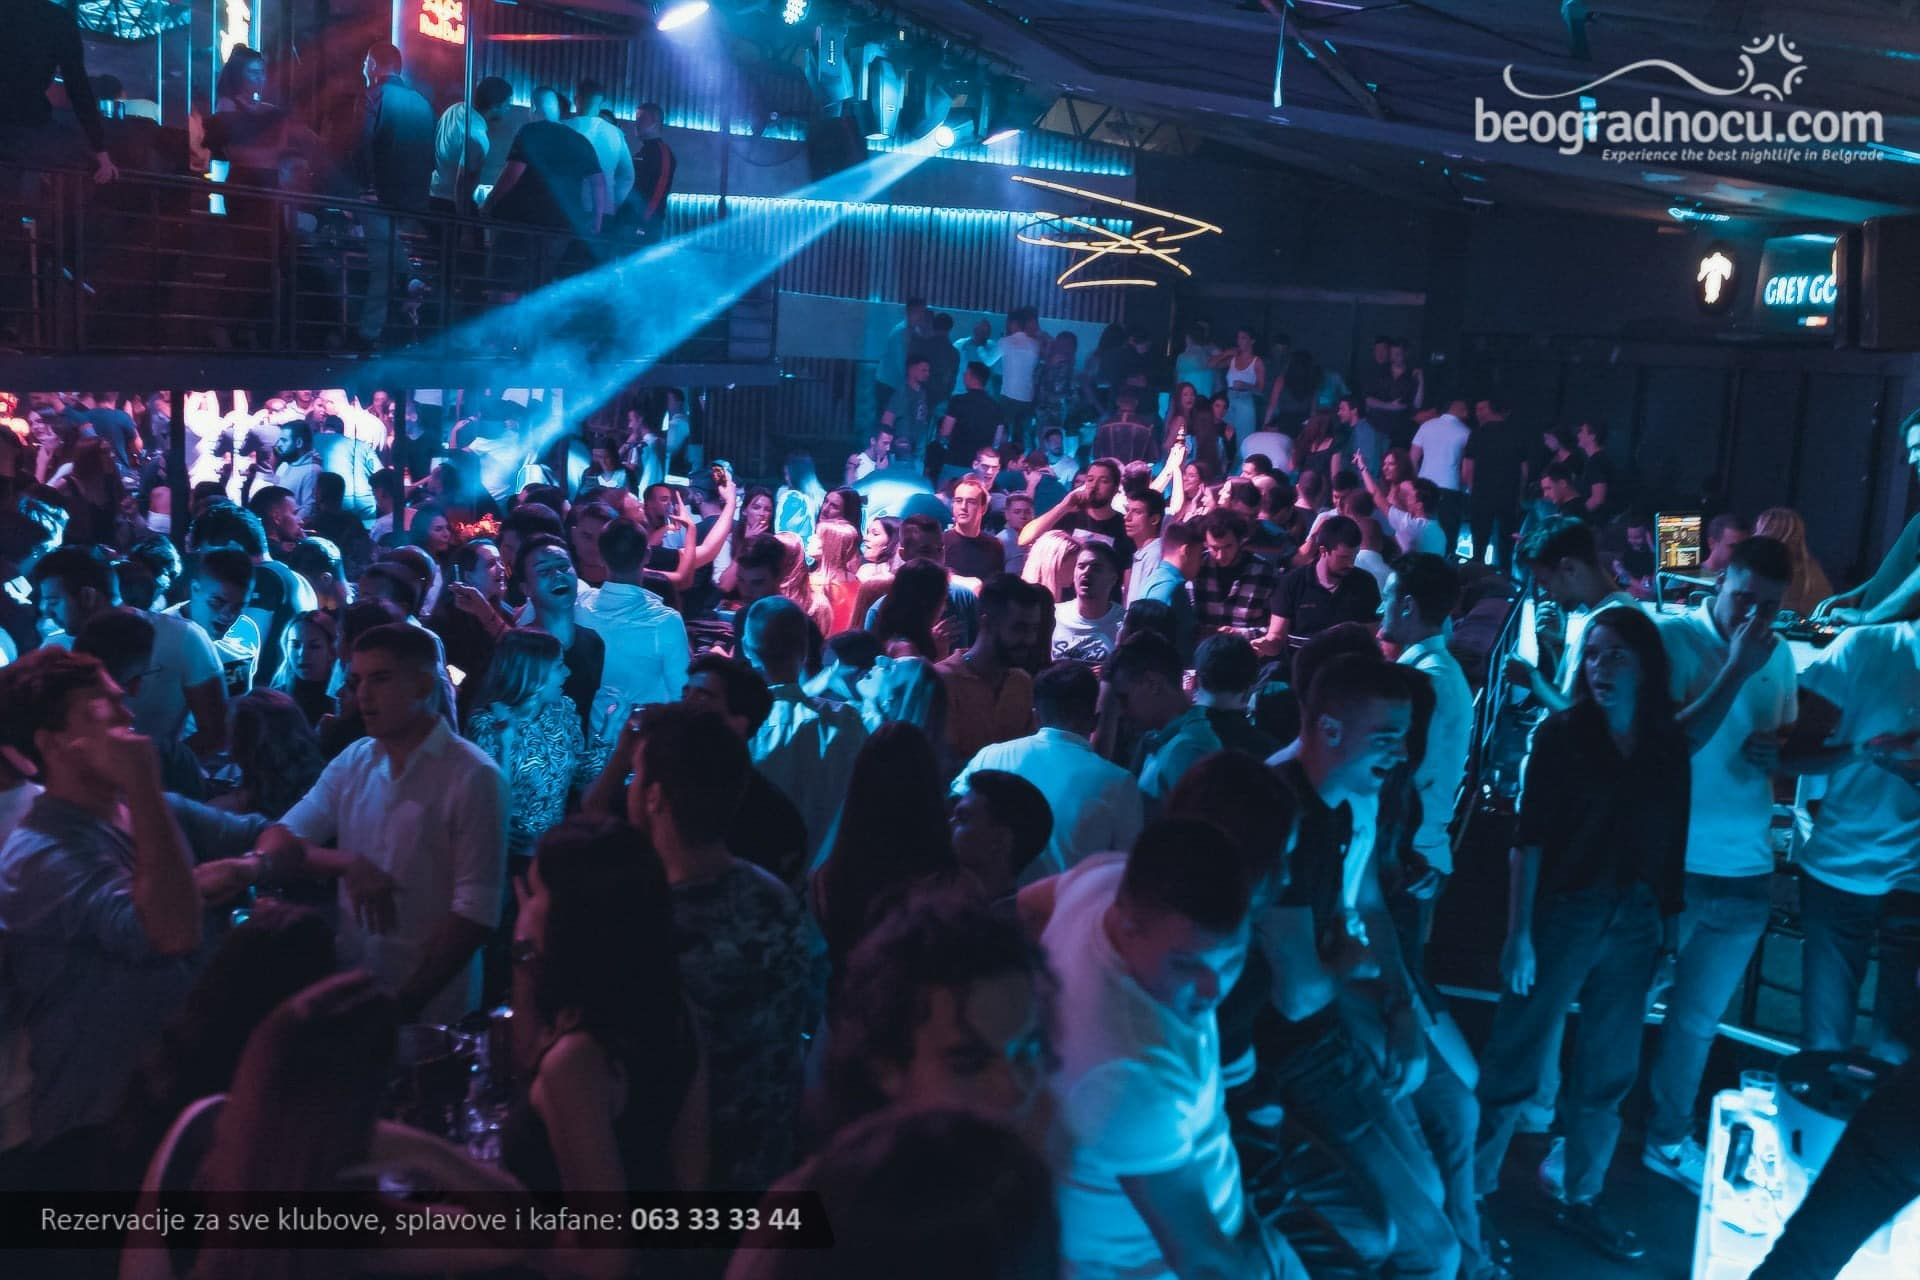 Splavovi Beograd – prijestolnica noćnog provoda u Evropi